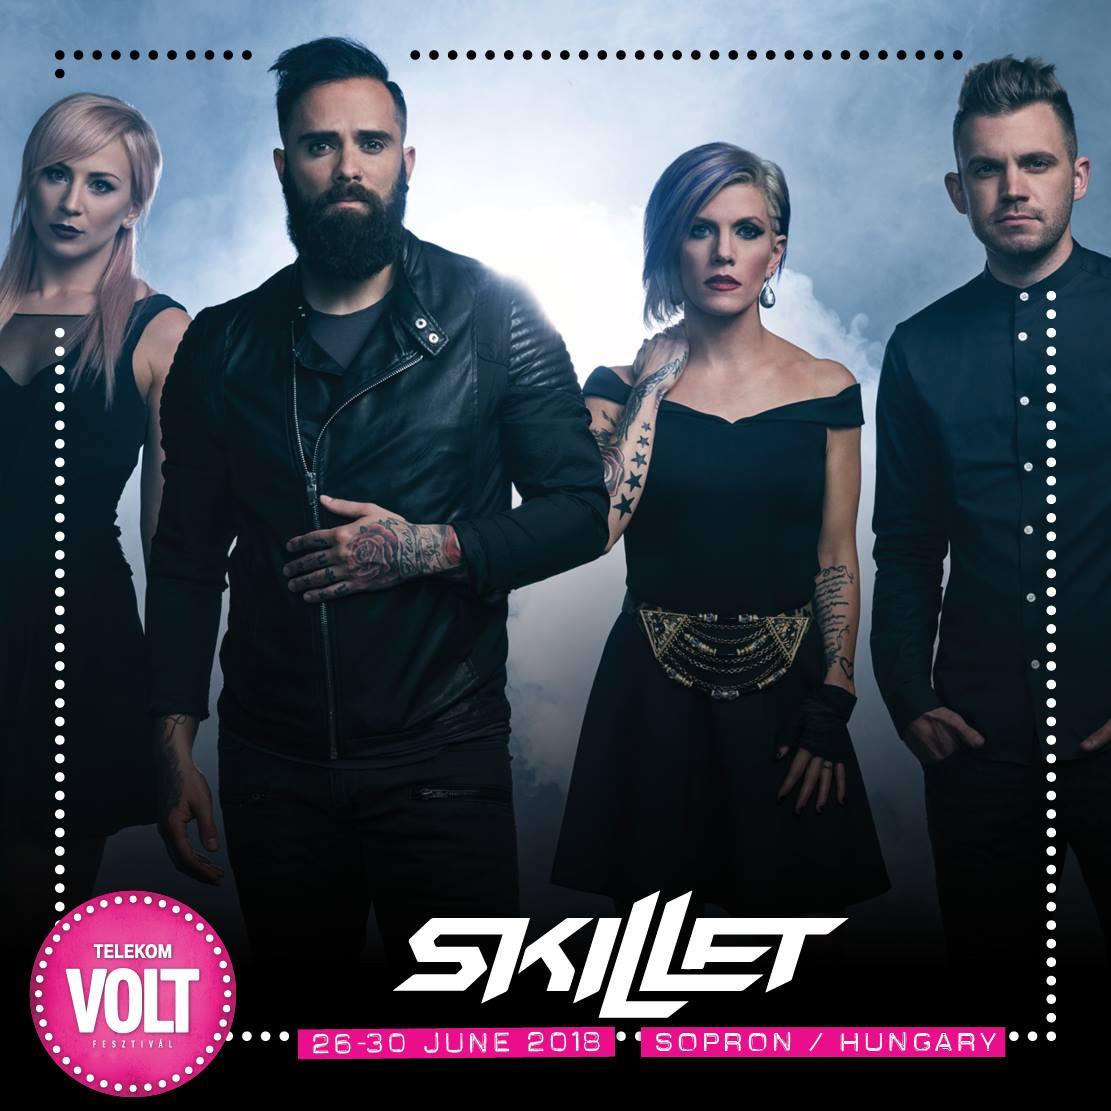 Skillet koncert - VOLT Fesztivál 2018